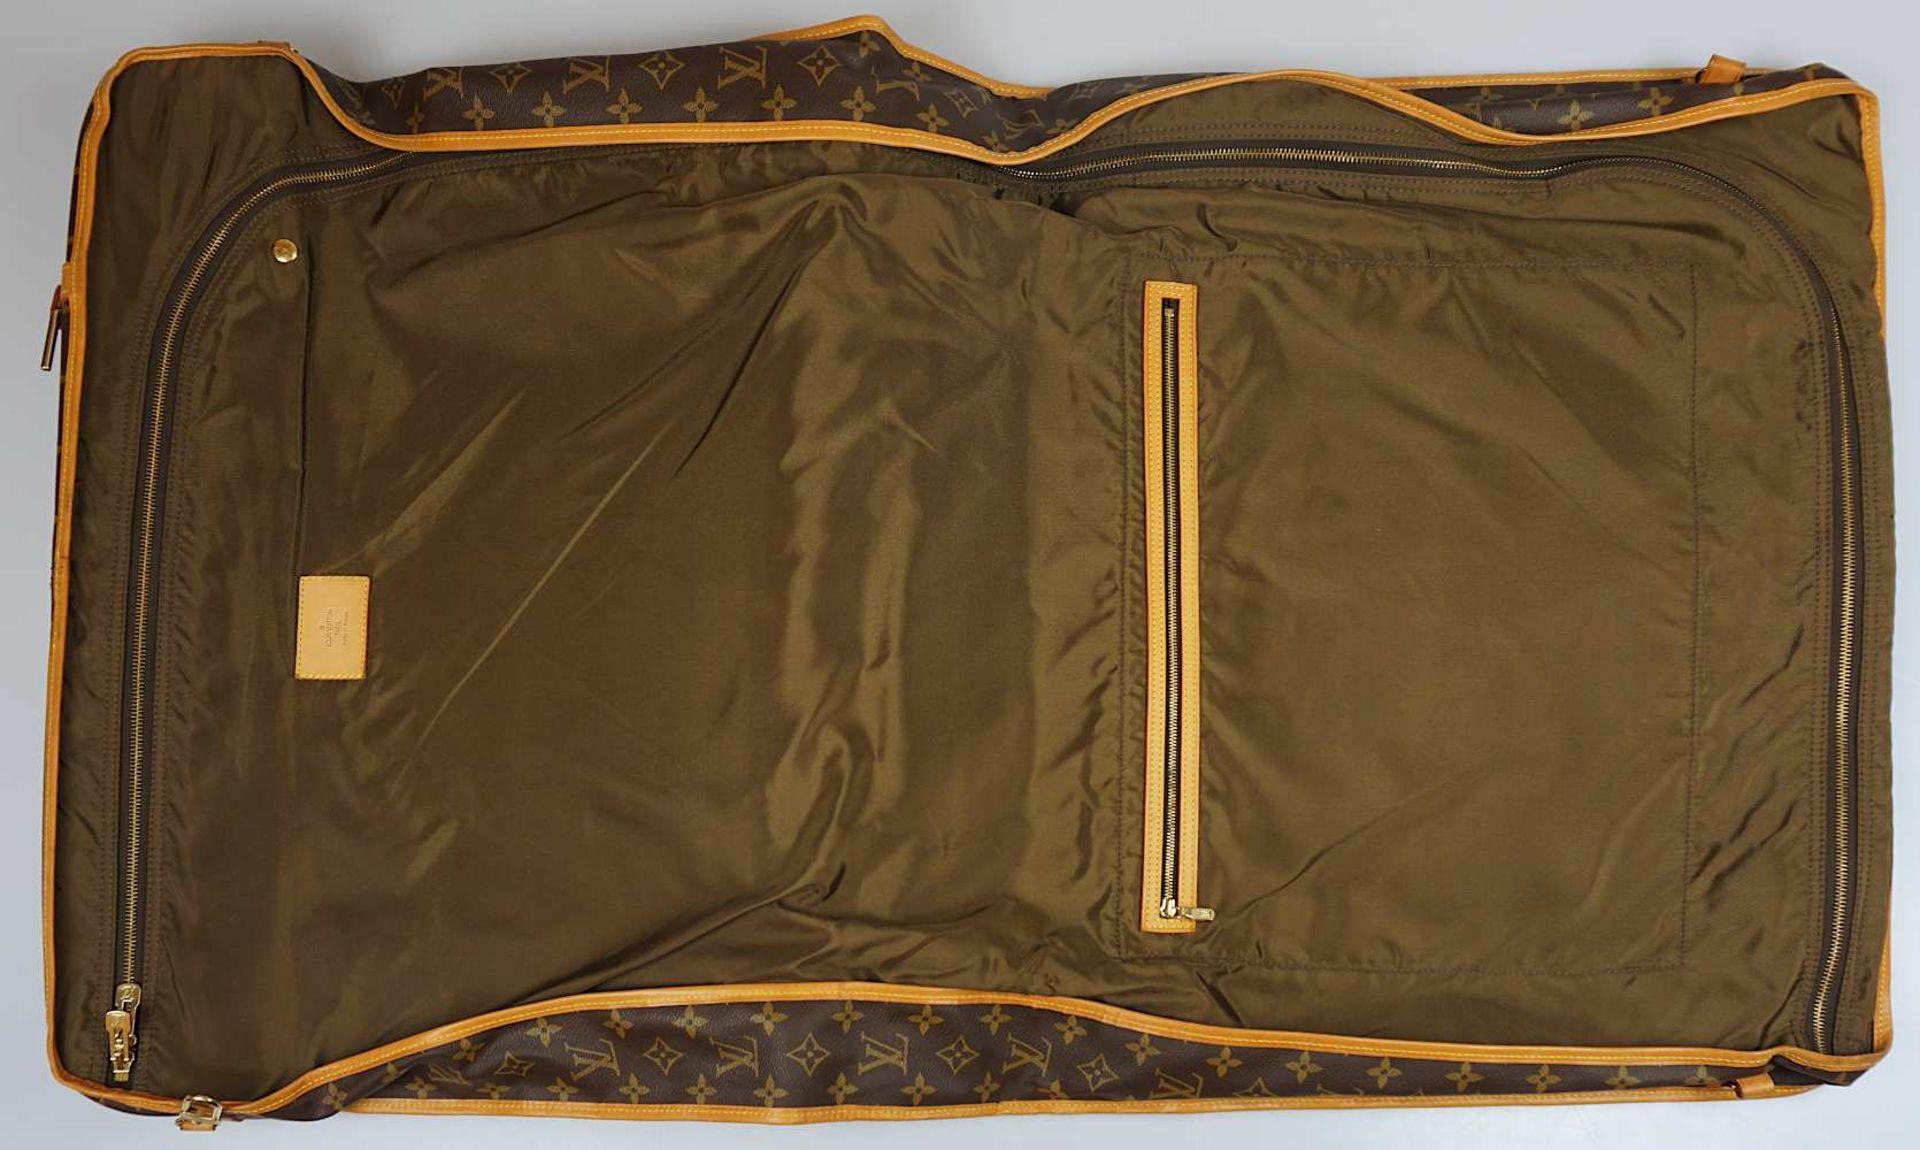 1 Kleidersack LOUIS VUITTON u.a. sichtbare Gsp. - Bild 4 aus 5